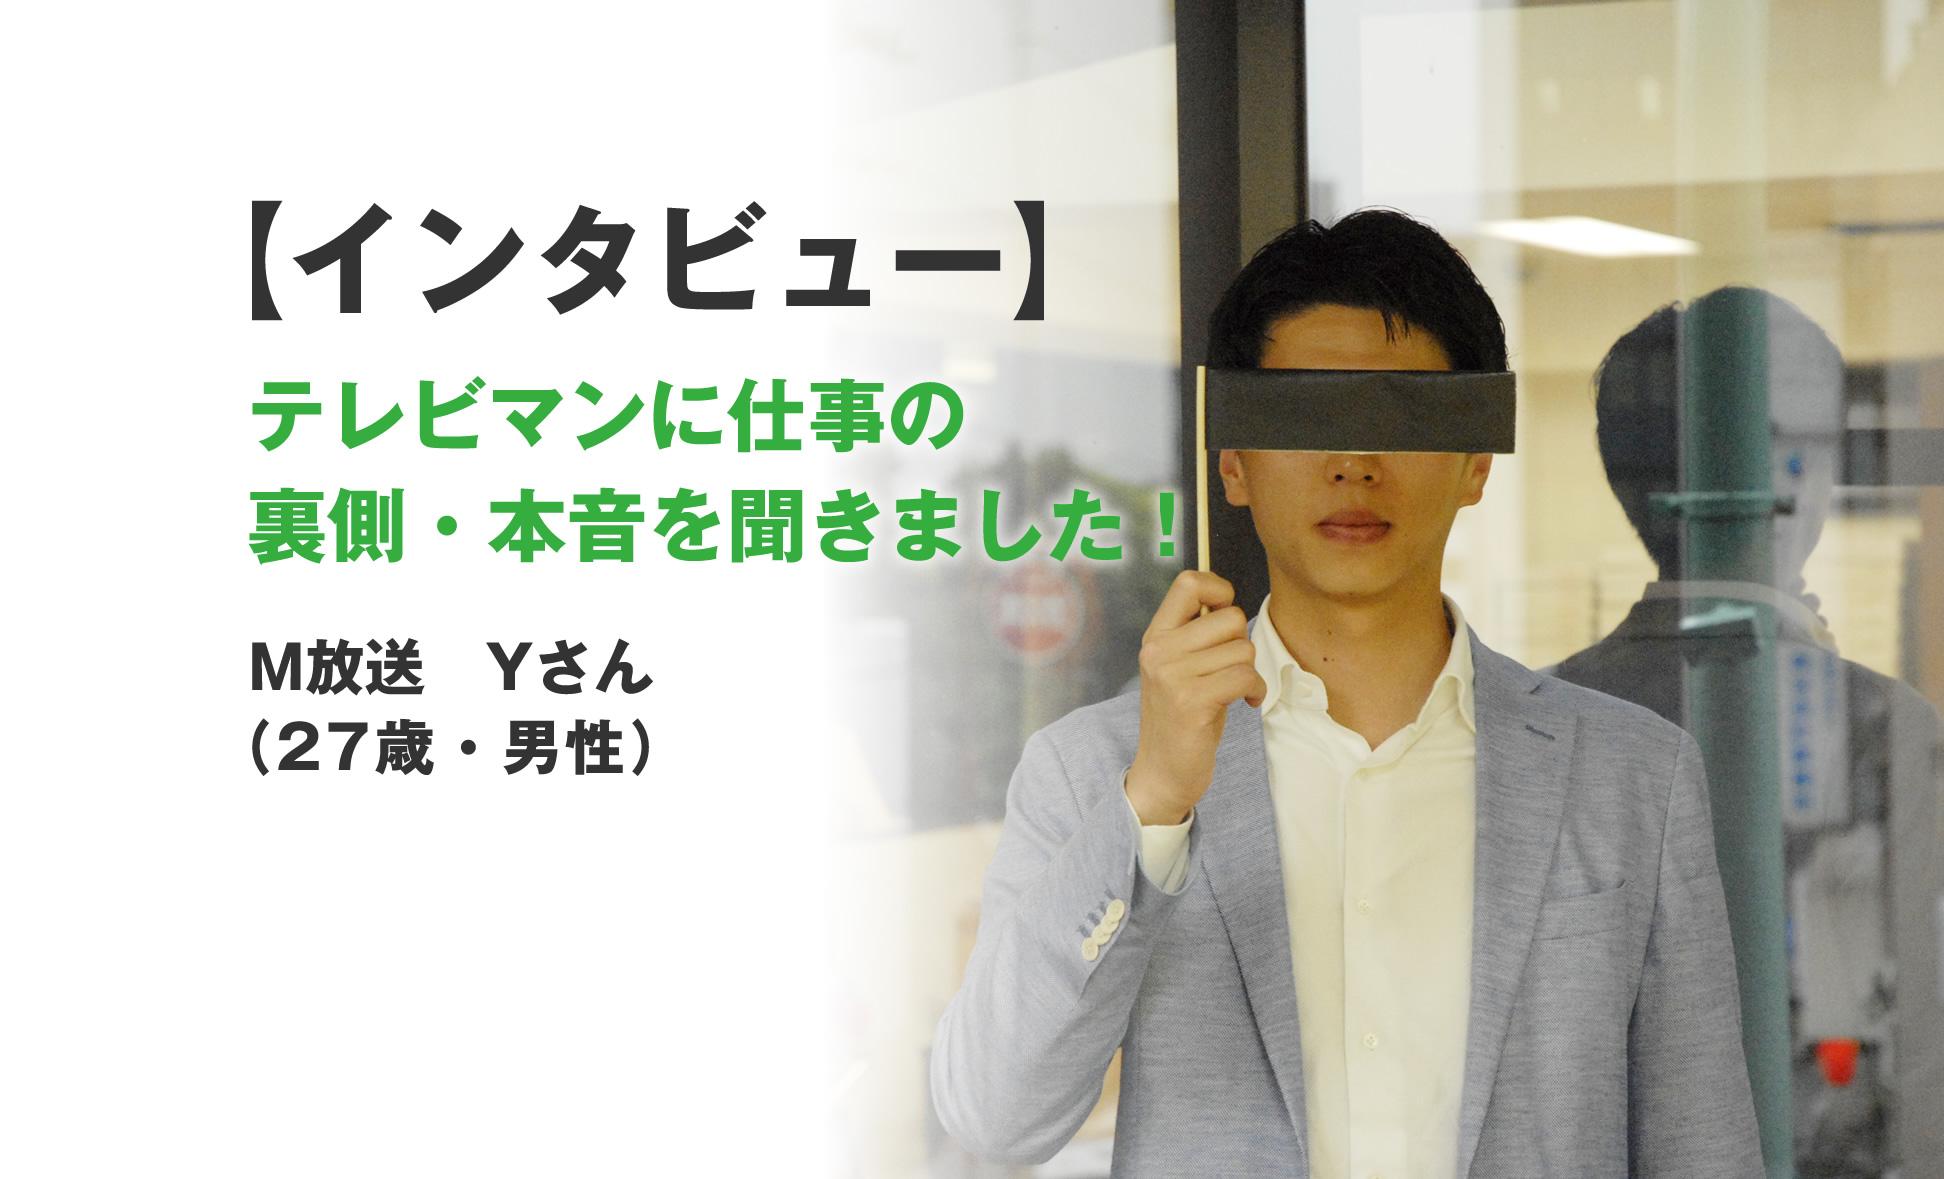 【インタビュー記事:M放送 Yさん】テレビ業界で働きたい人必読!テレビマンの1日を赤裸々に話しちゃいます。